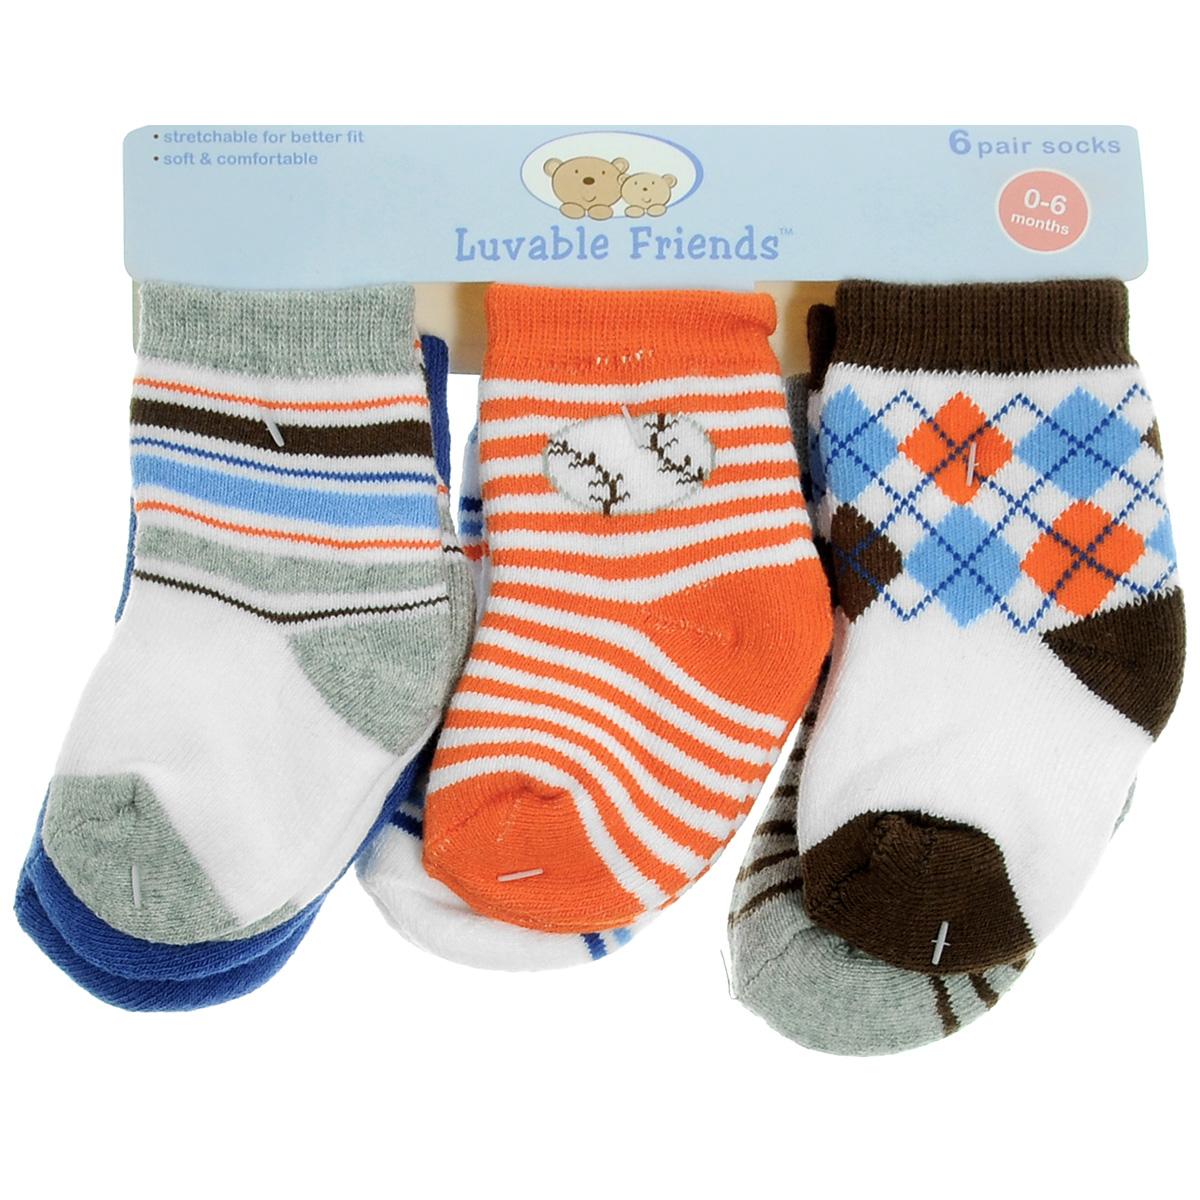 Носки детские Luvable Friends Яркий принт, цвет: синий, белый, серый, оранжевый, 6 пар. 26110. Размер 55/67, 0-6 месяцев26110Комфортные и прочные детские носки Luvable Friends Яркий принт, махровые внутри, очень мягкие на ощупь. Эластичная резинка плотно облегает ножку ребенка, не сдавливая ее, благодаря чему малышу будет комфортно и удобно. Комплект состоит из шести пар носочков с различной цветовой гаммой и притом.